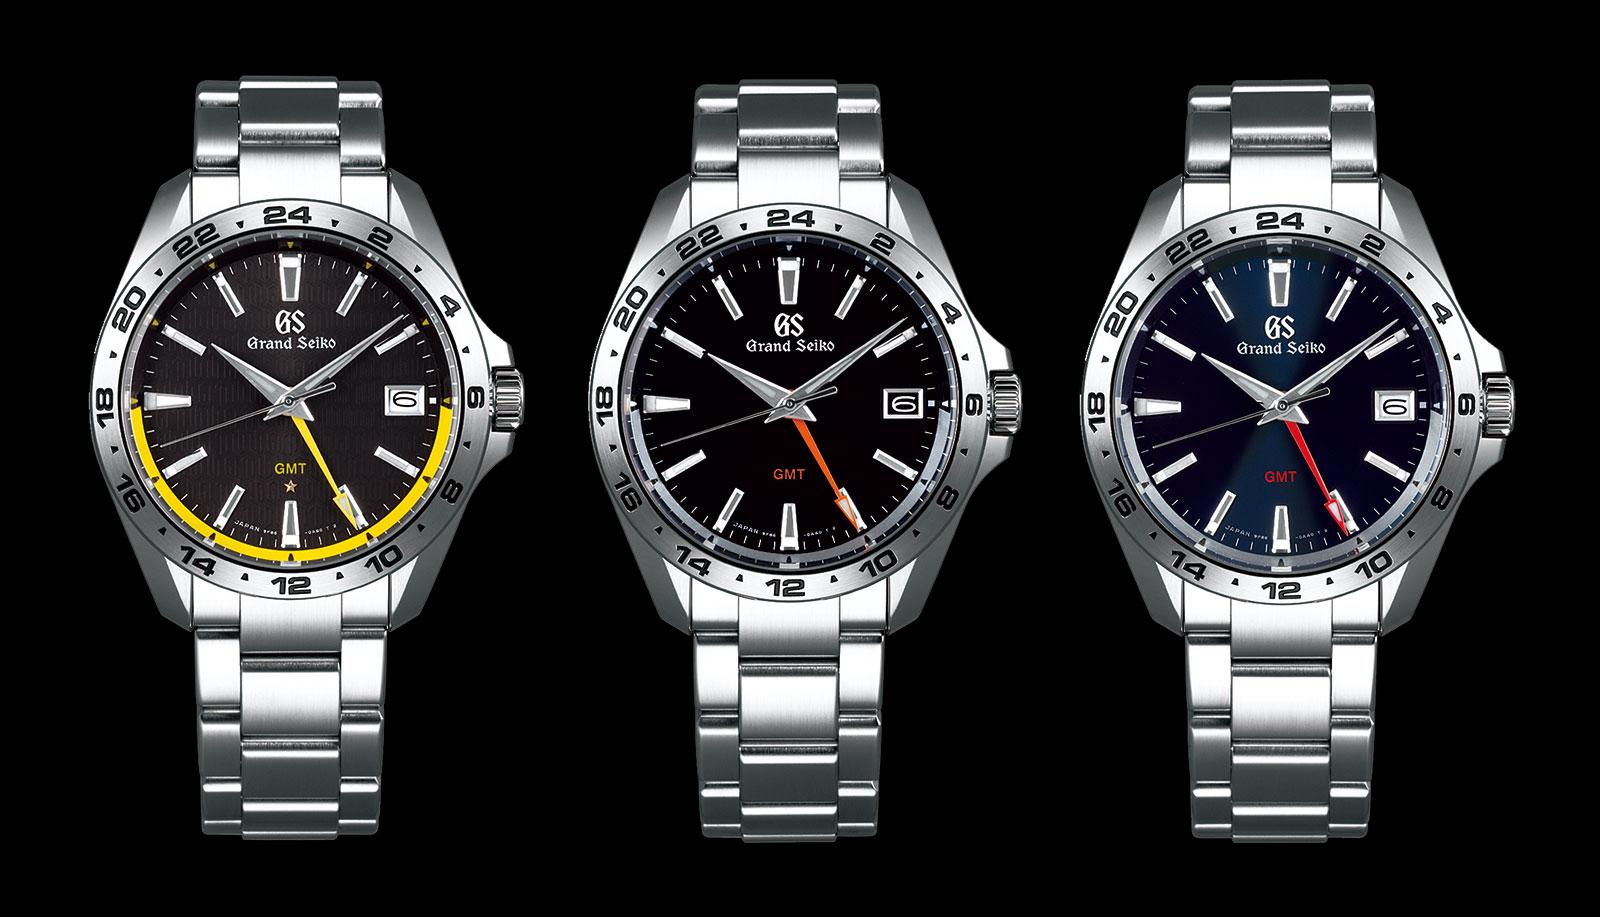 Grand Seiko 9F quartz GMT sports